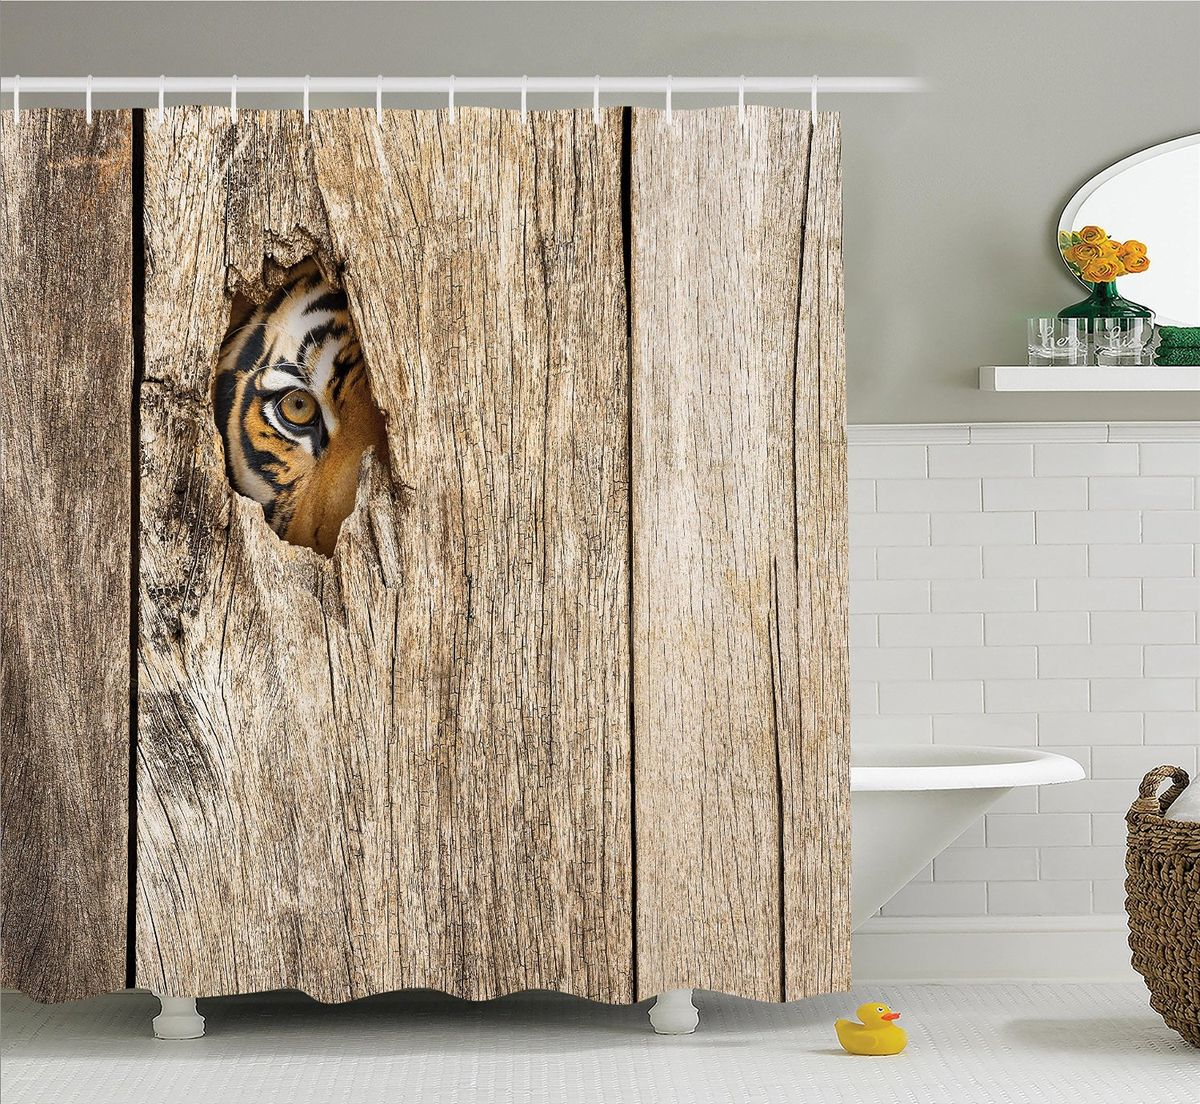 Штора для ванной комнаты Magic Lady Любопытный тигр, 180 х 200 см штора для ванной комнаты magic lady абрикос на закате весна 180 х 200 см